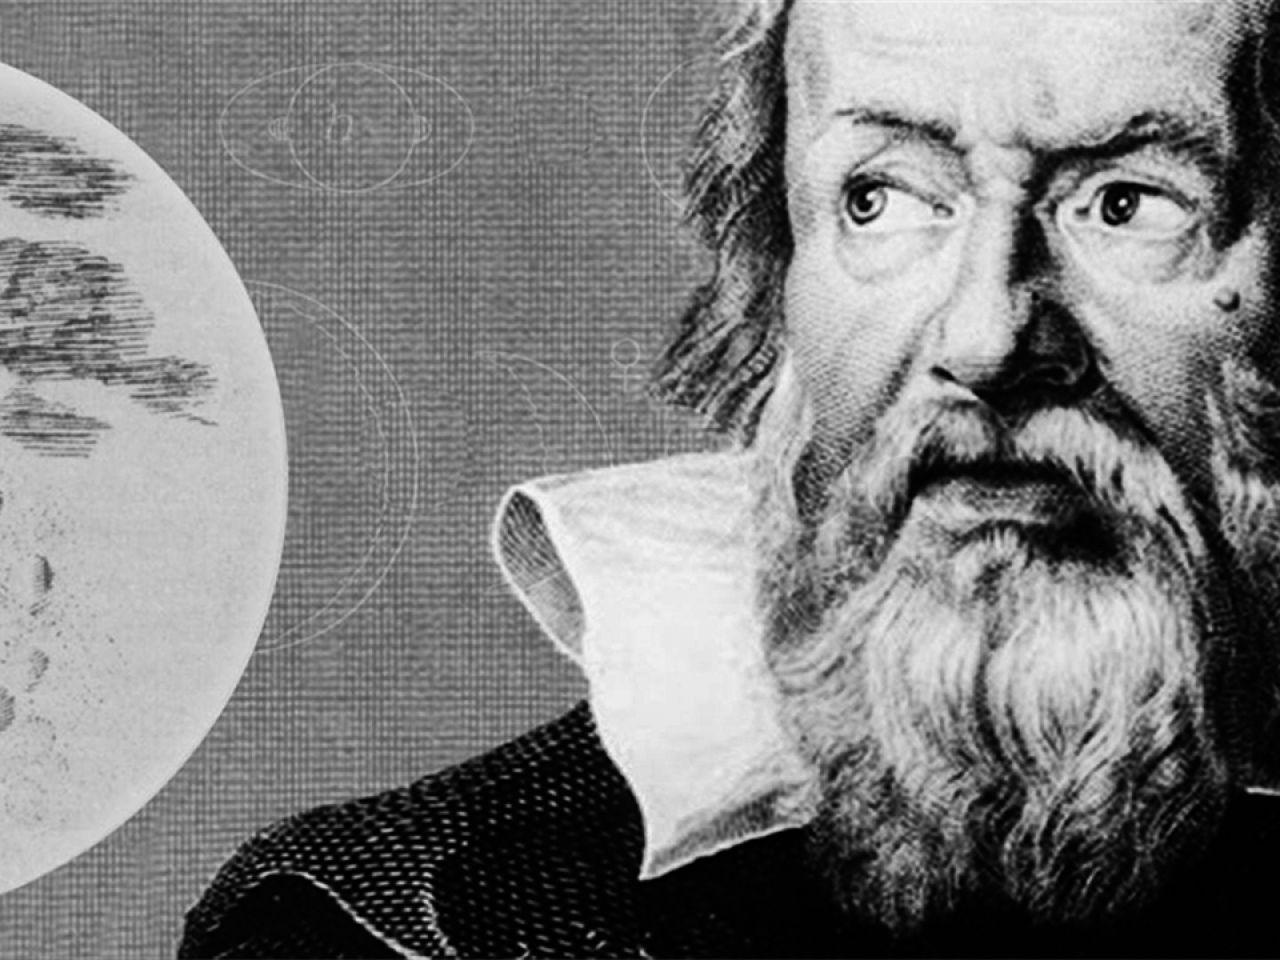 Lettera a Galileo, un mio vecchio amico. Buon compleanno! 3